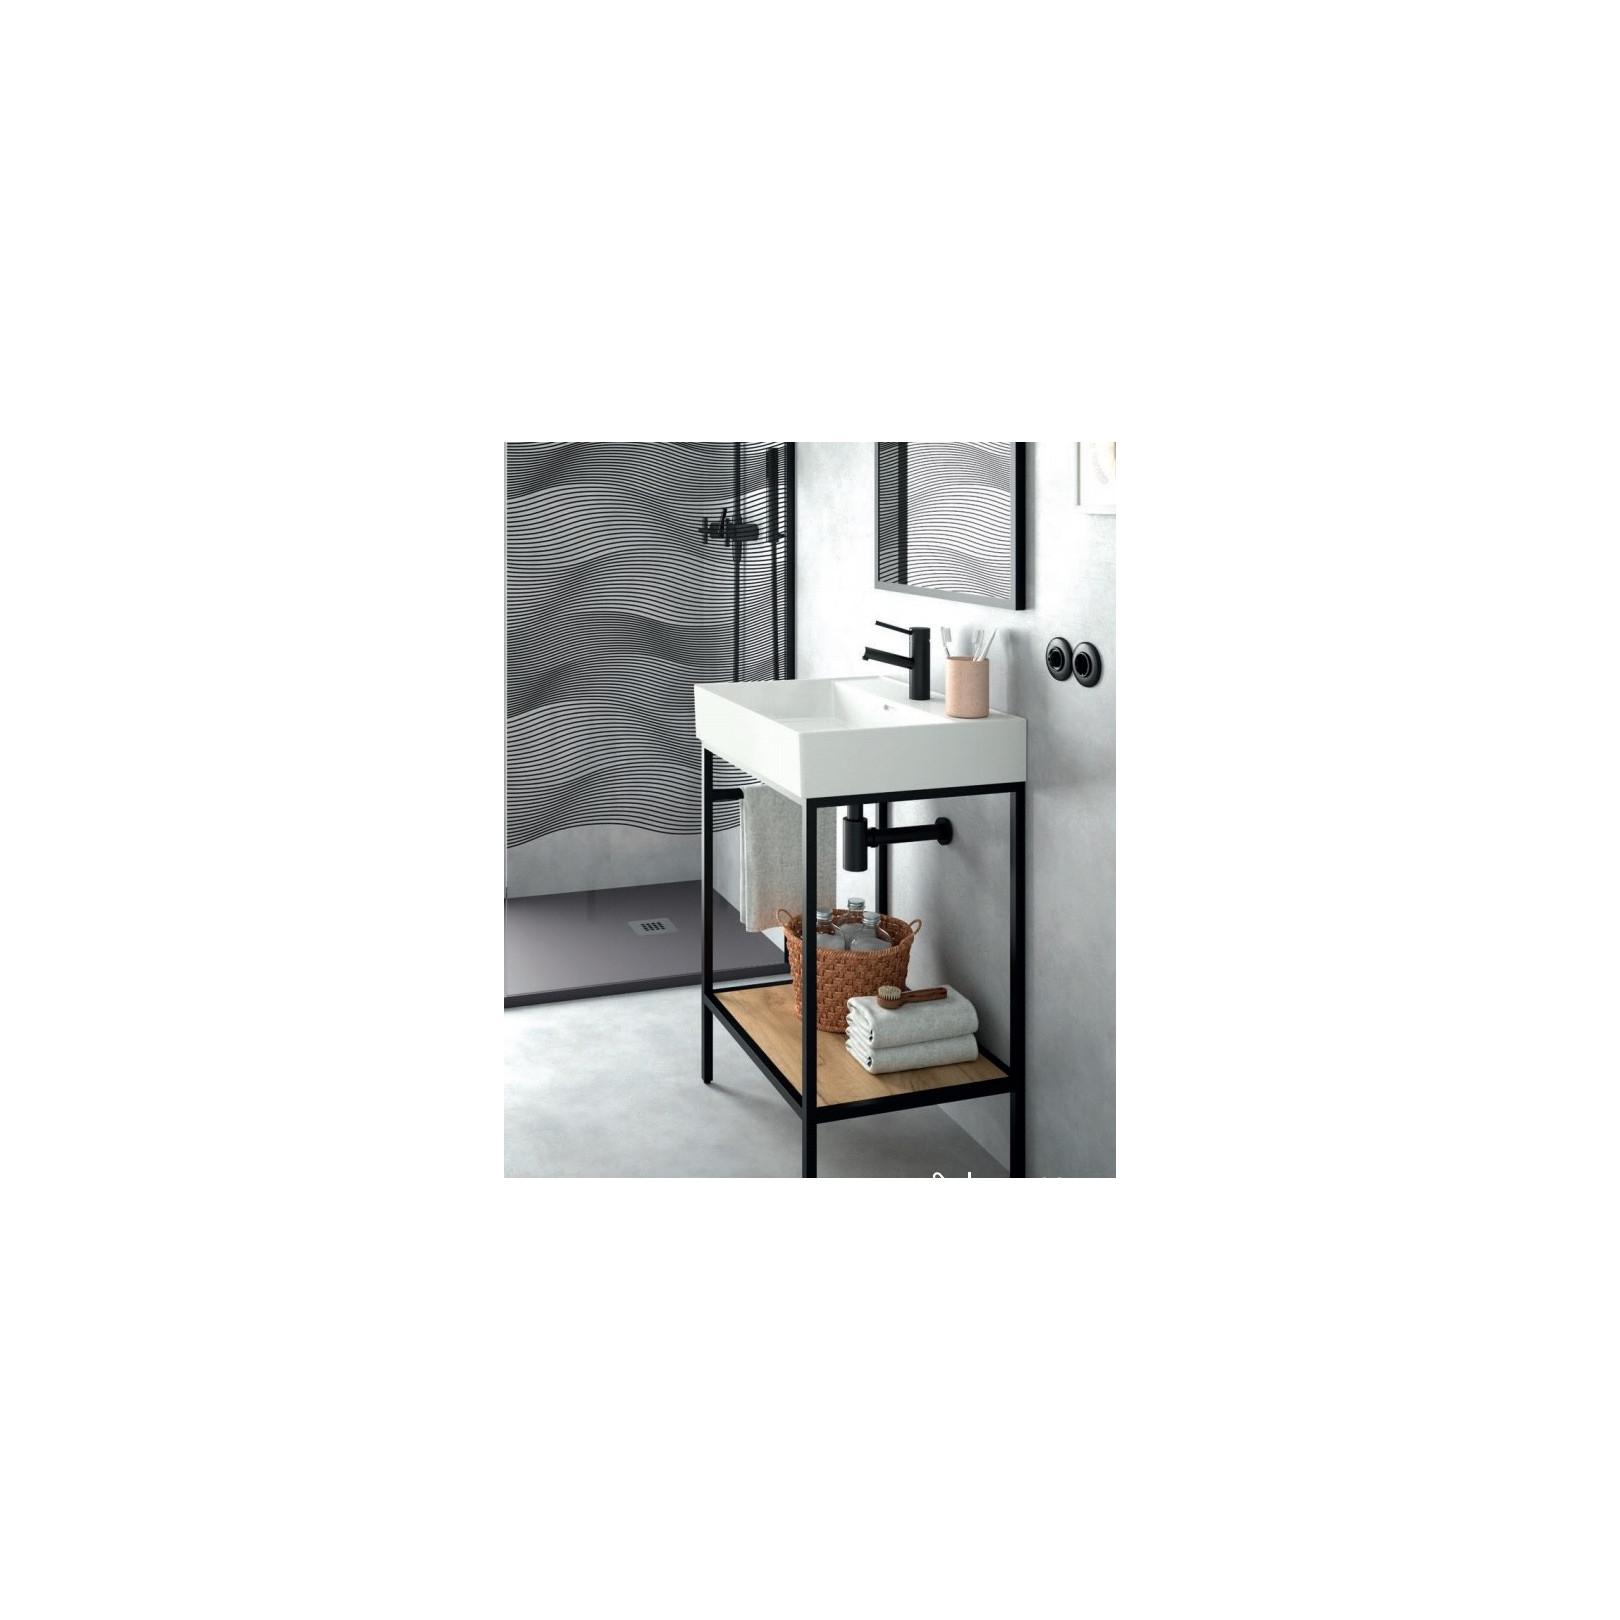 meuble sur pied vinci largeur 61 81 101 ou 121cm structure alu laque noir et chene africain avec vasque veneto ceramique casalux home design